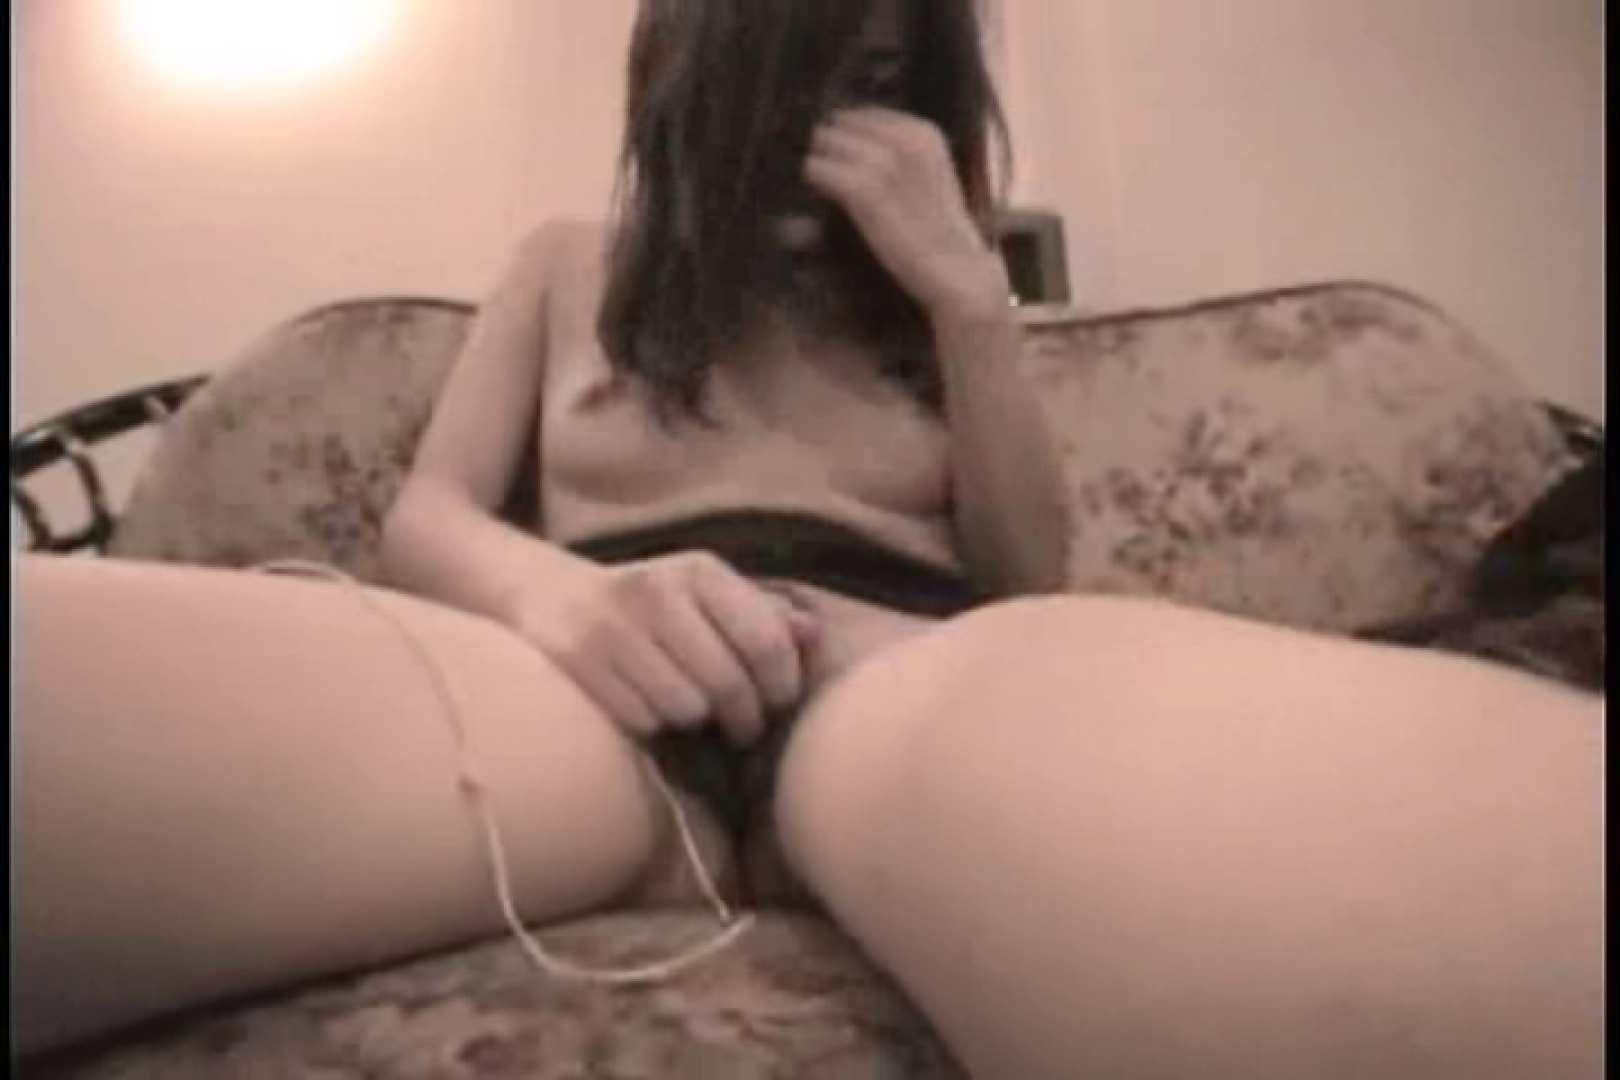 素人嬢126人のハメ撮り 入江奈々 ギャル達のSEX   ギャル達のおっぱい  70画像 37